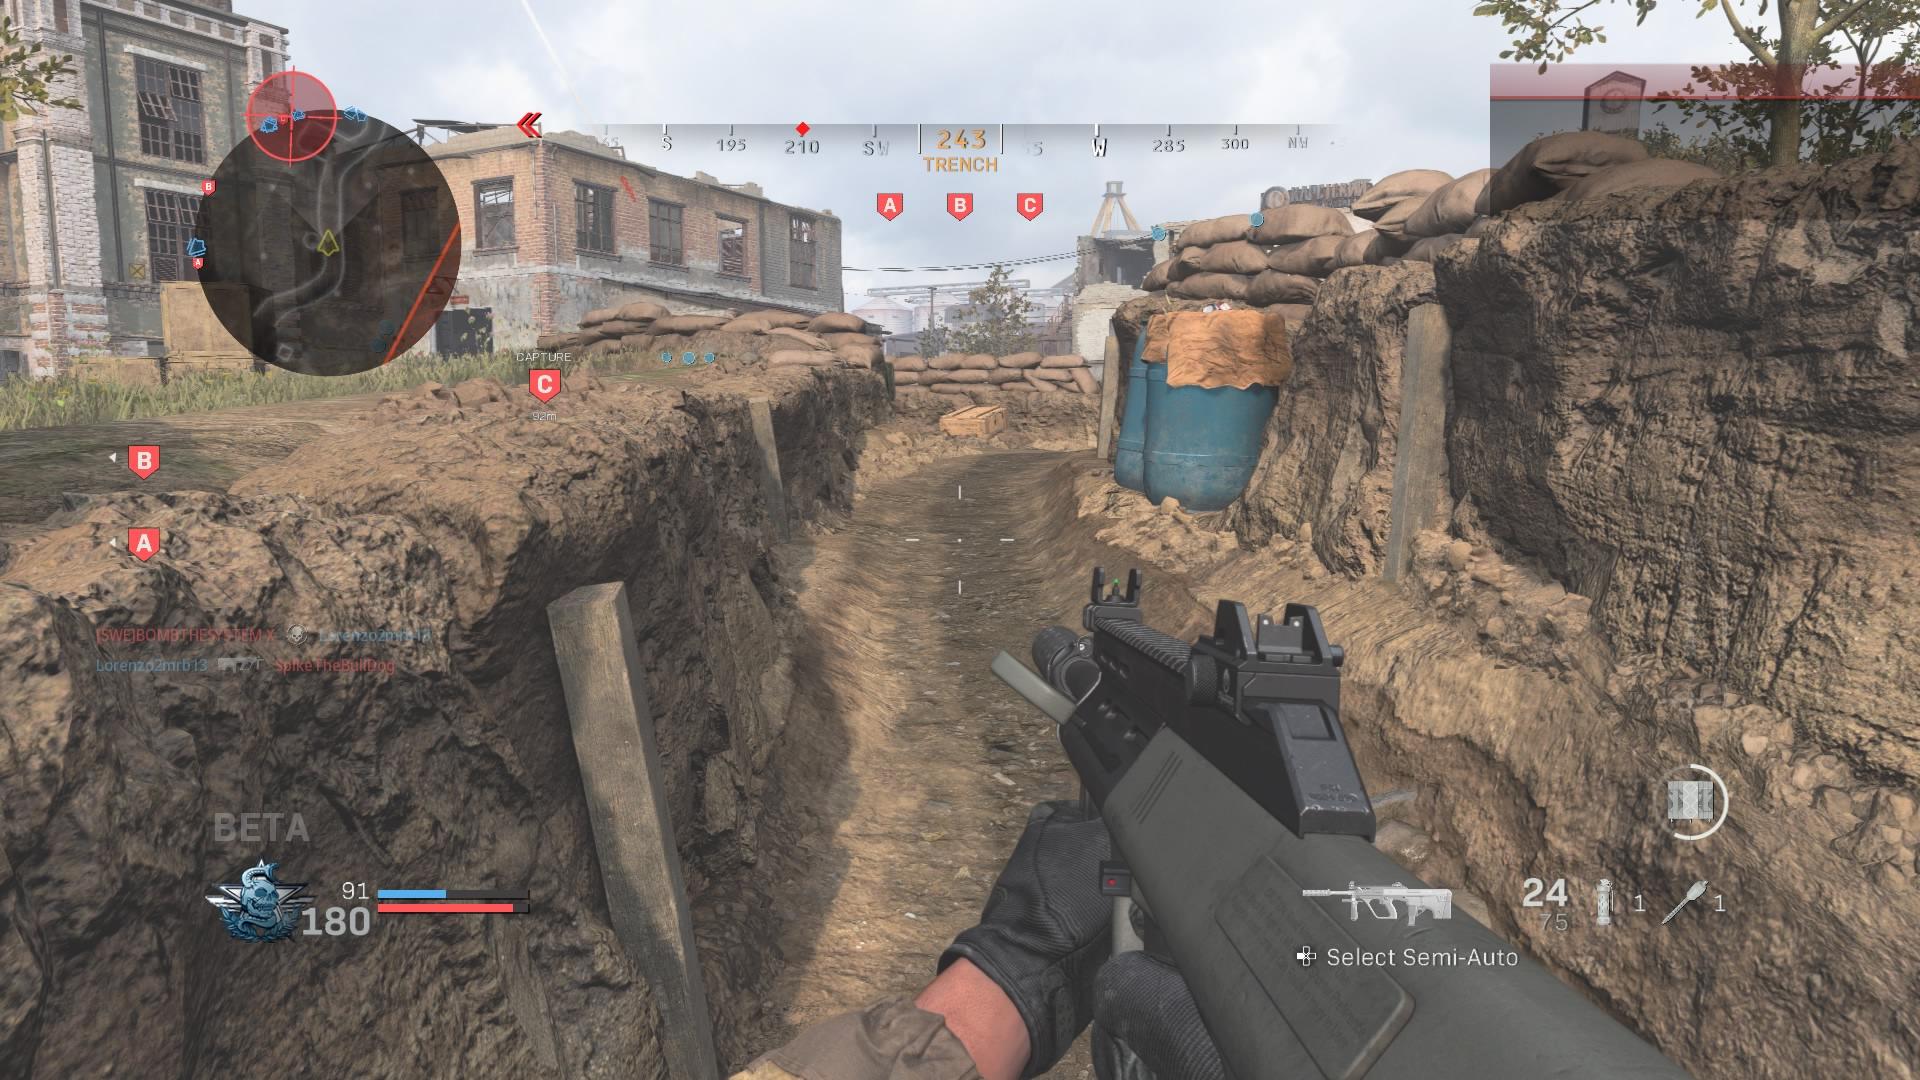 Grałem w publiczną betę Call of Duty: Modern Warfare. Dobrze, że się skończyła